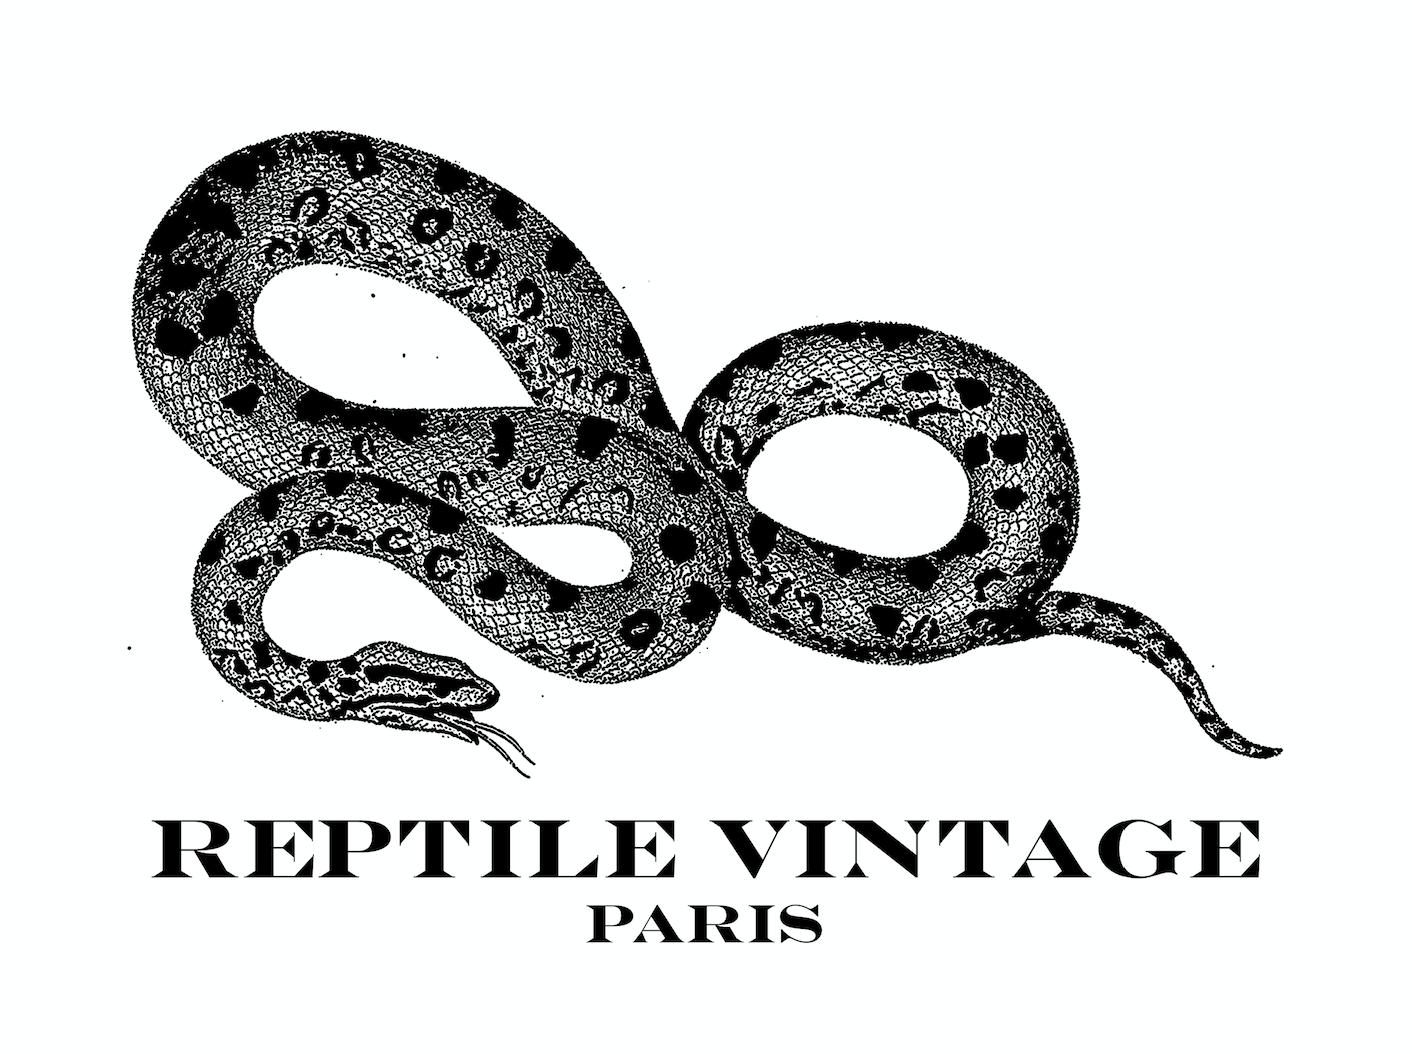 Reptile Vintage Paris